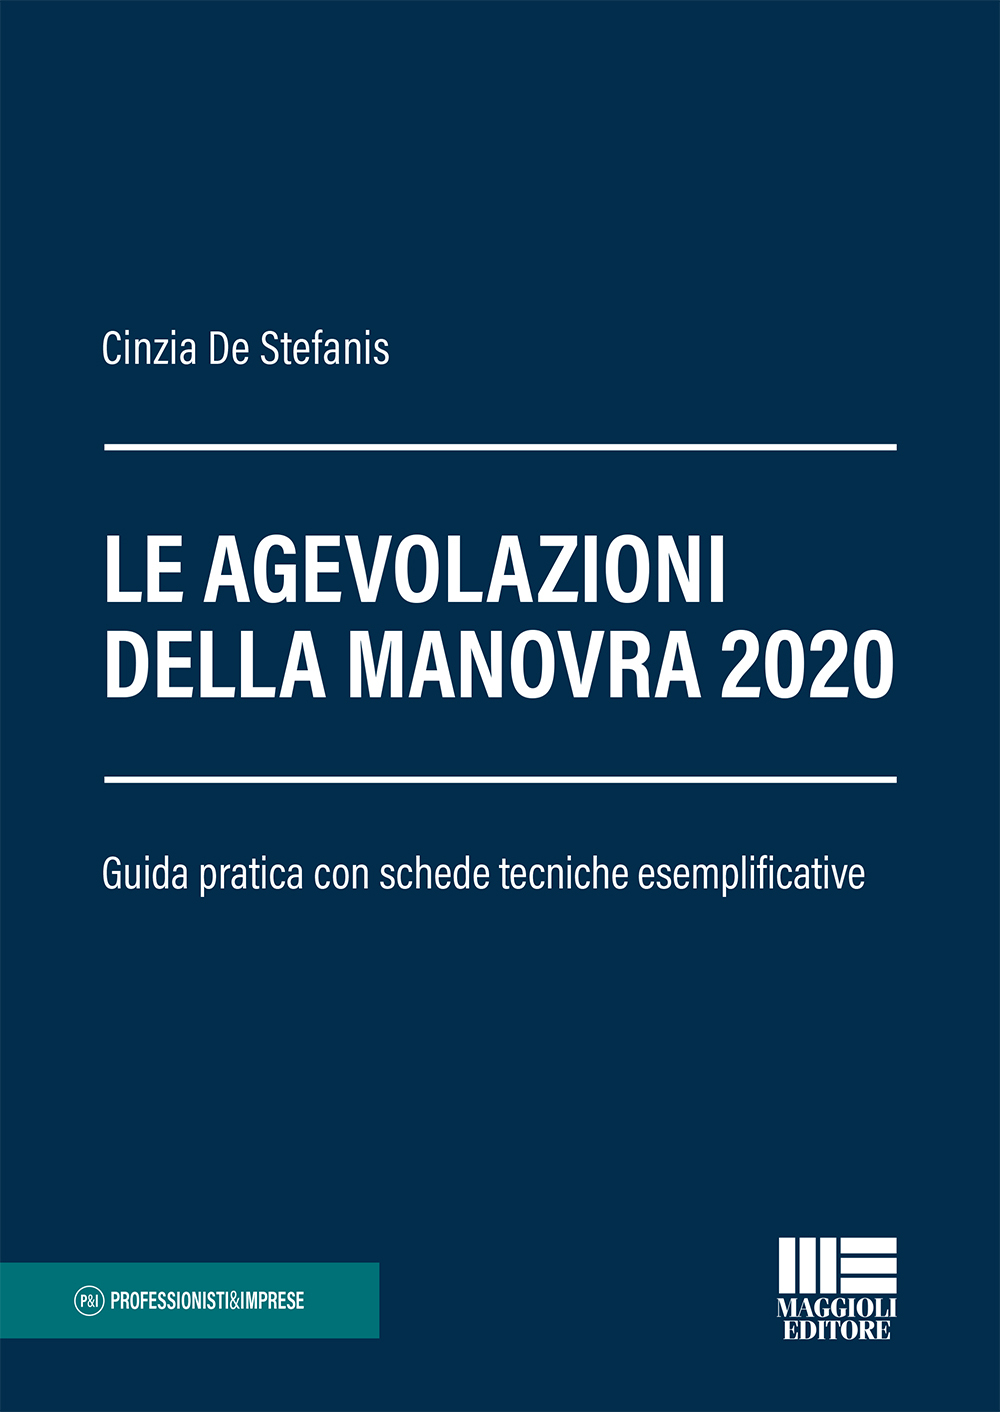 Le agevolazioni della Manovra 2020